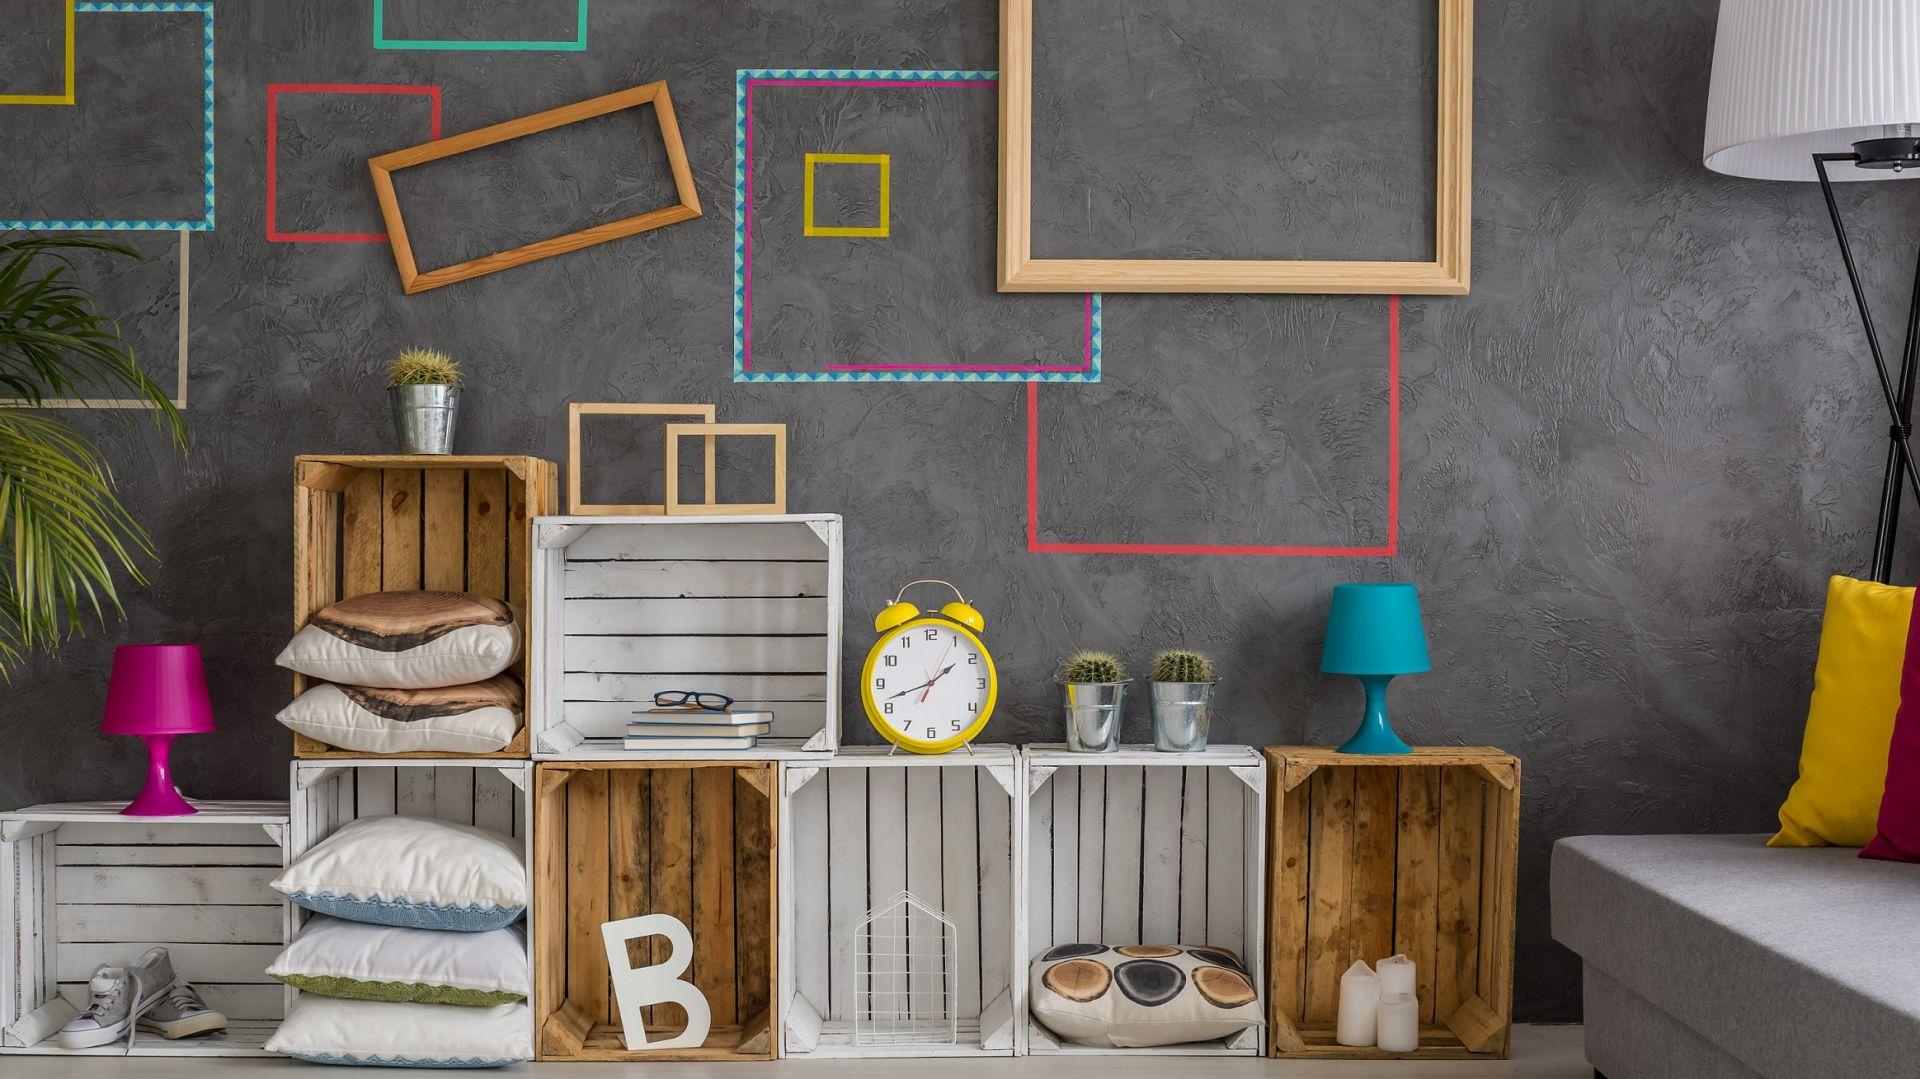 Drewniane skrzynki mogą posłużyć do wykonania oryginalnych półek. Fot. Shutterstock